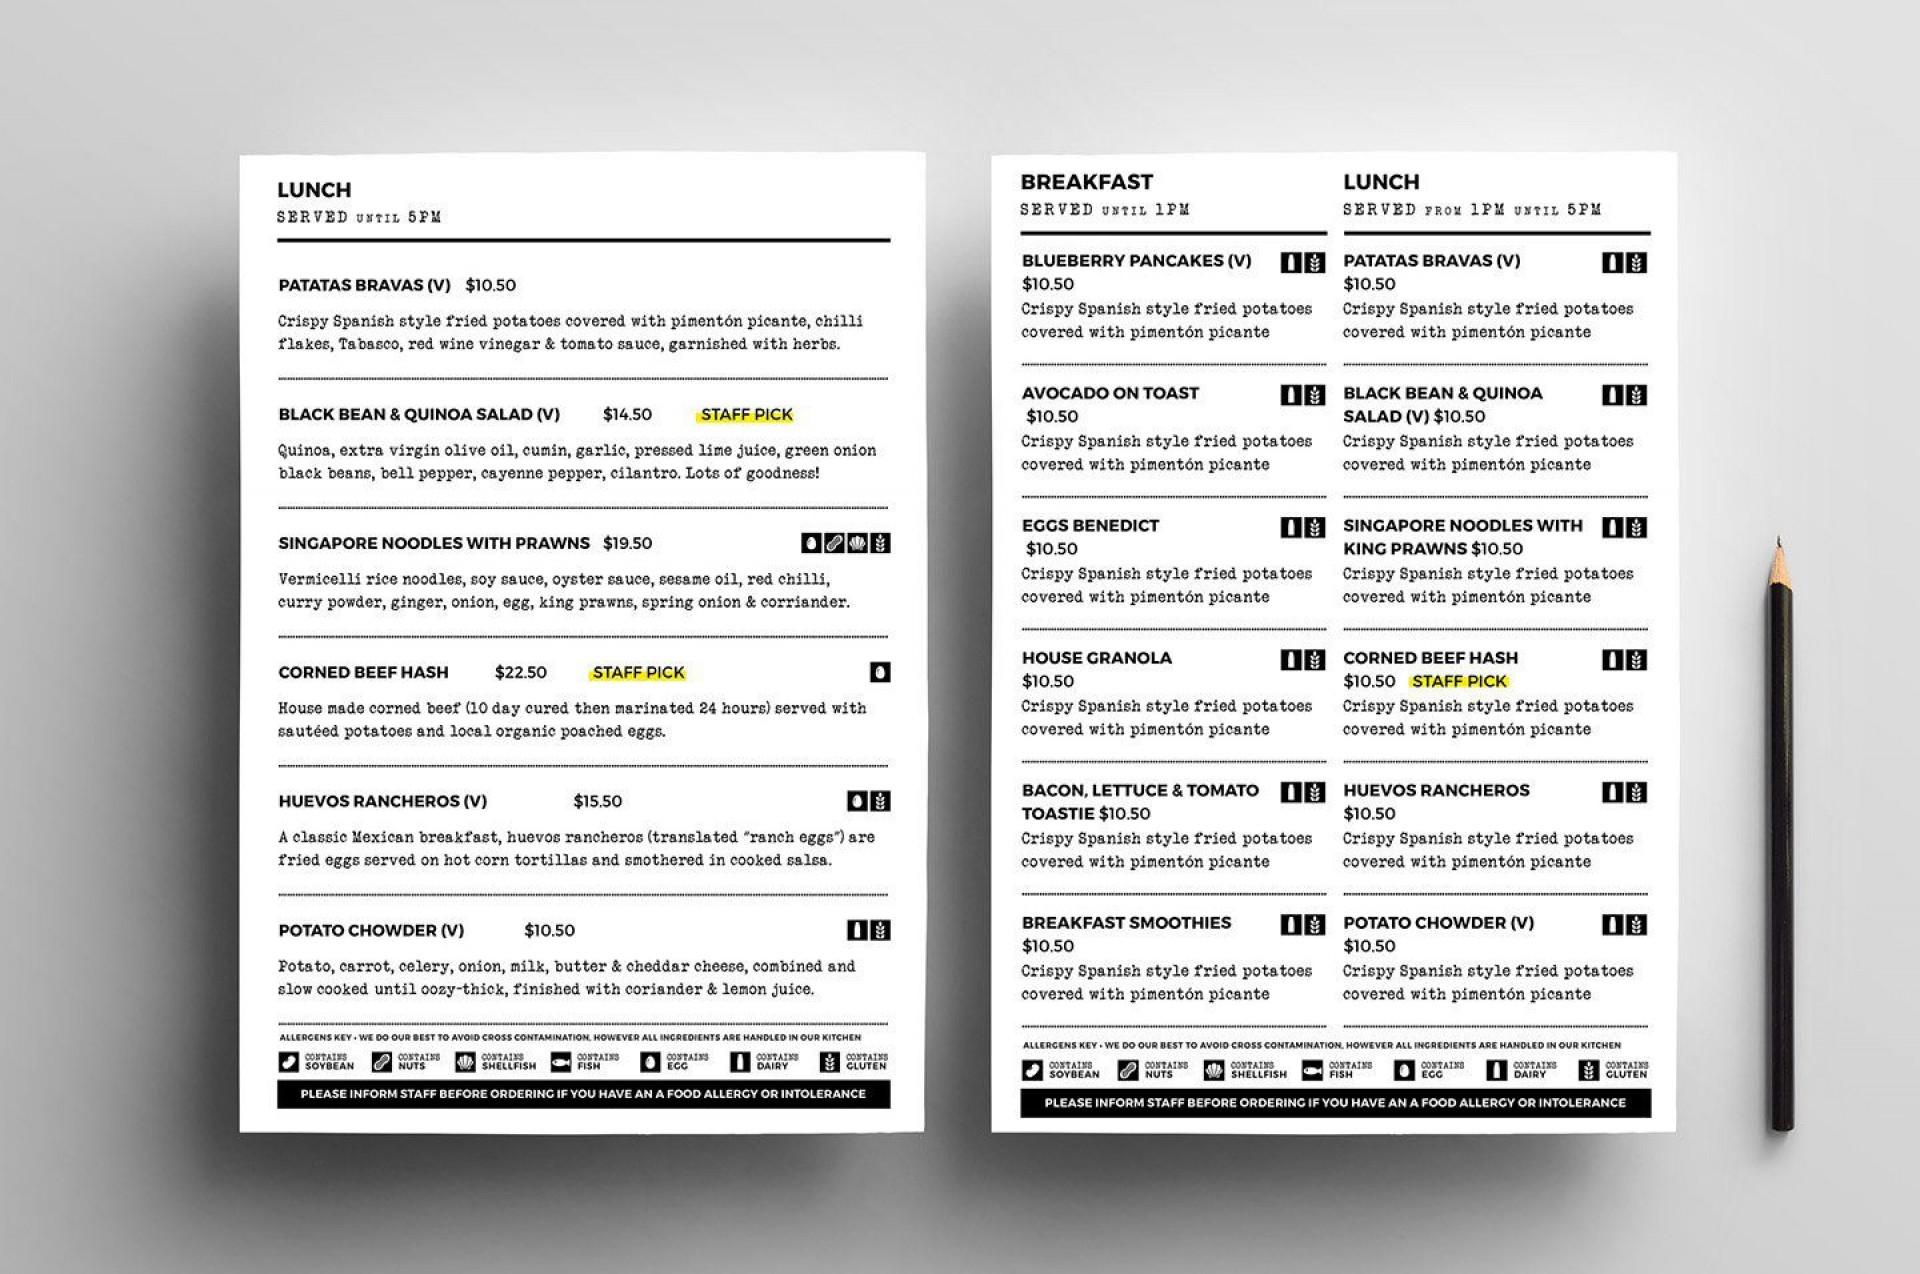 004 Sensational To Go Menu Template Concept  Tri Fold Word1920